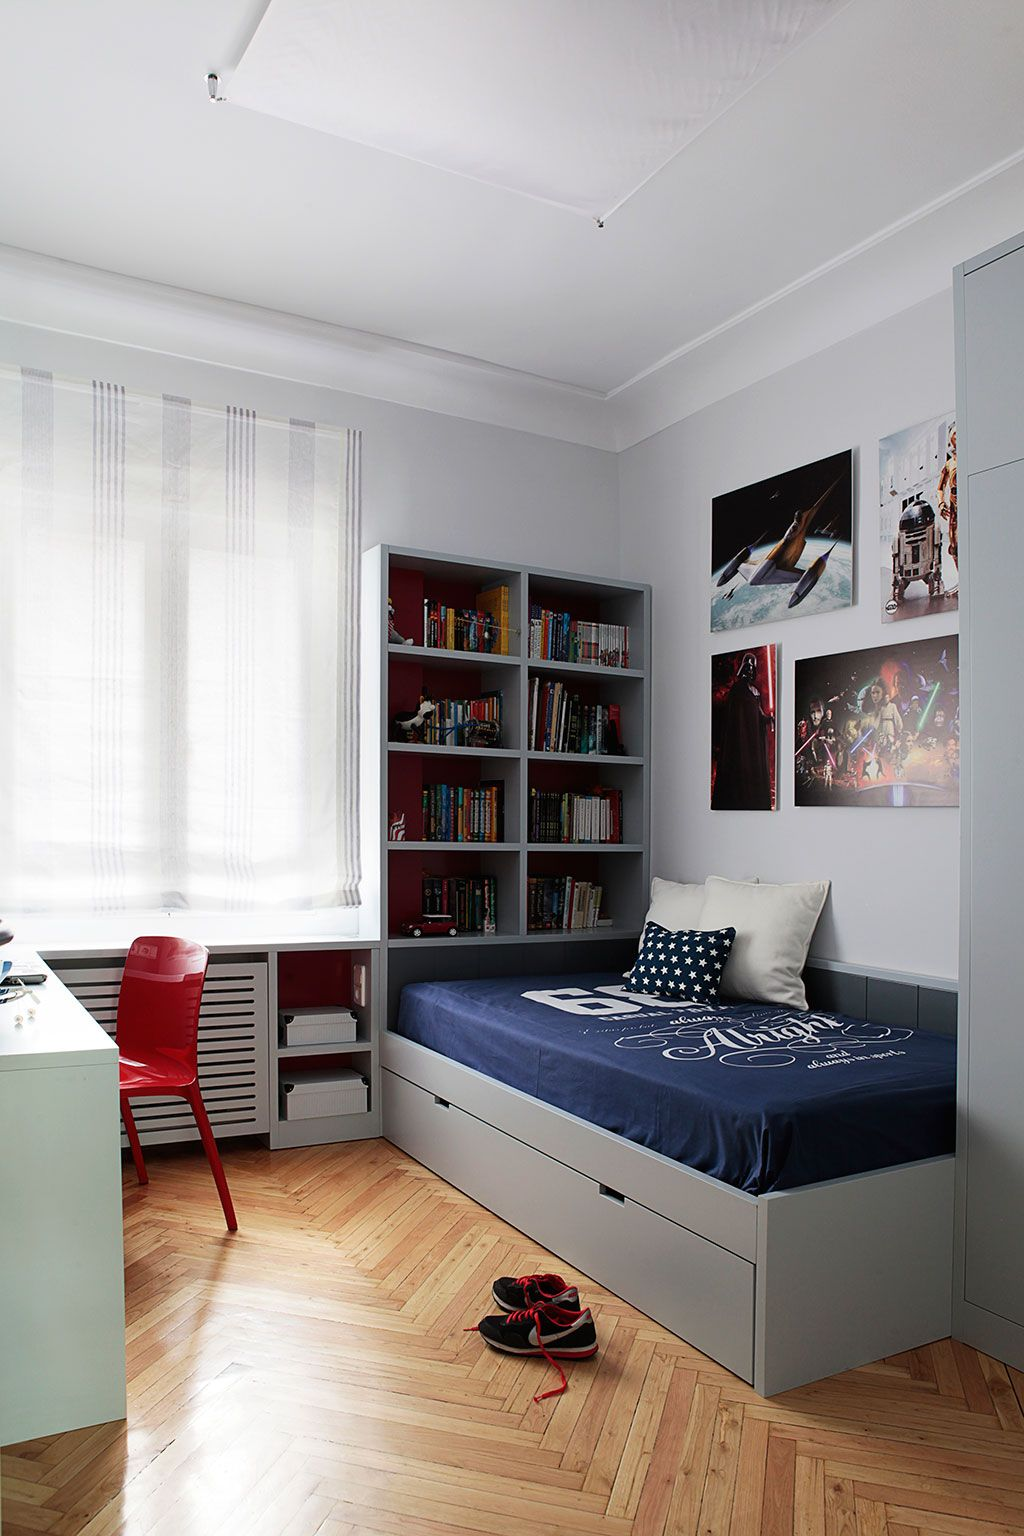 Dormitorio juvenil mis interiores for Decoracion habitacion juvenil nino